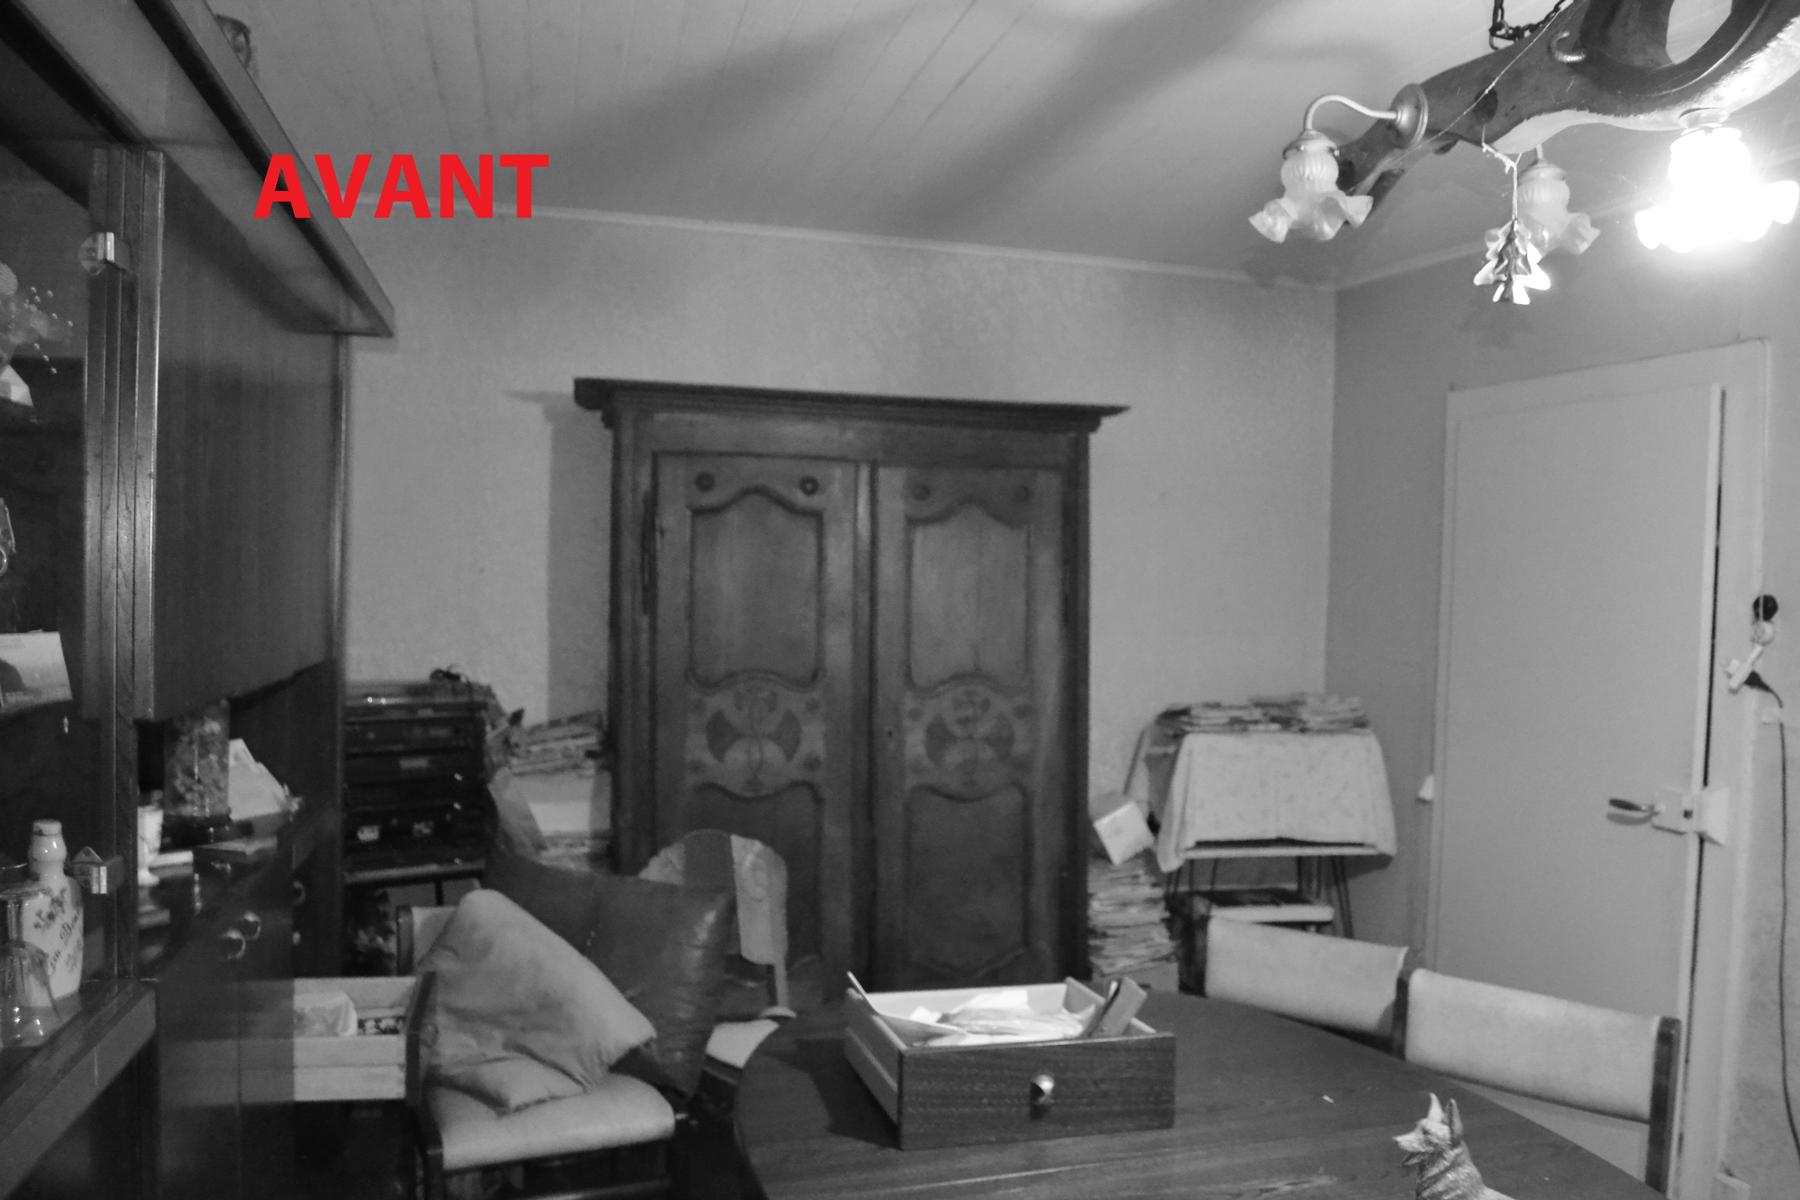 L'autre coté du salon, cette fois ci, c'est l'armoire qui a fait l'objet d'une offre de rachat....